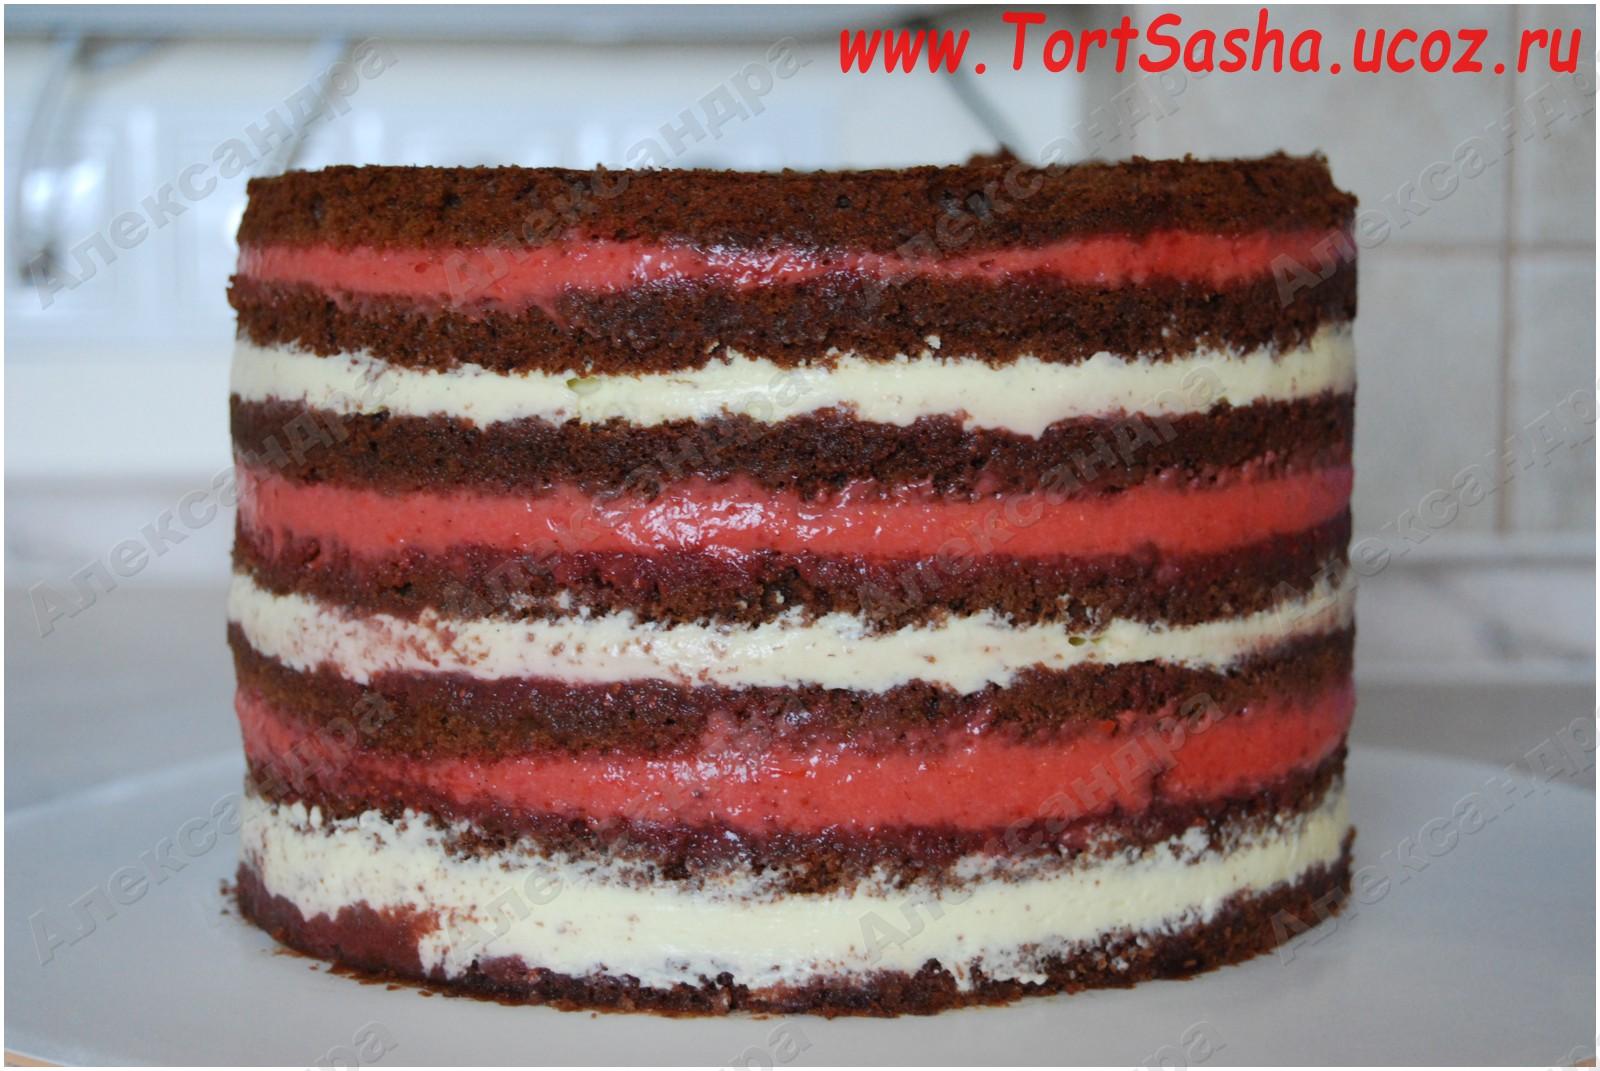 Рецепты начинки для тортов в домашних условиях с фото 586